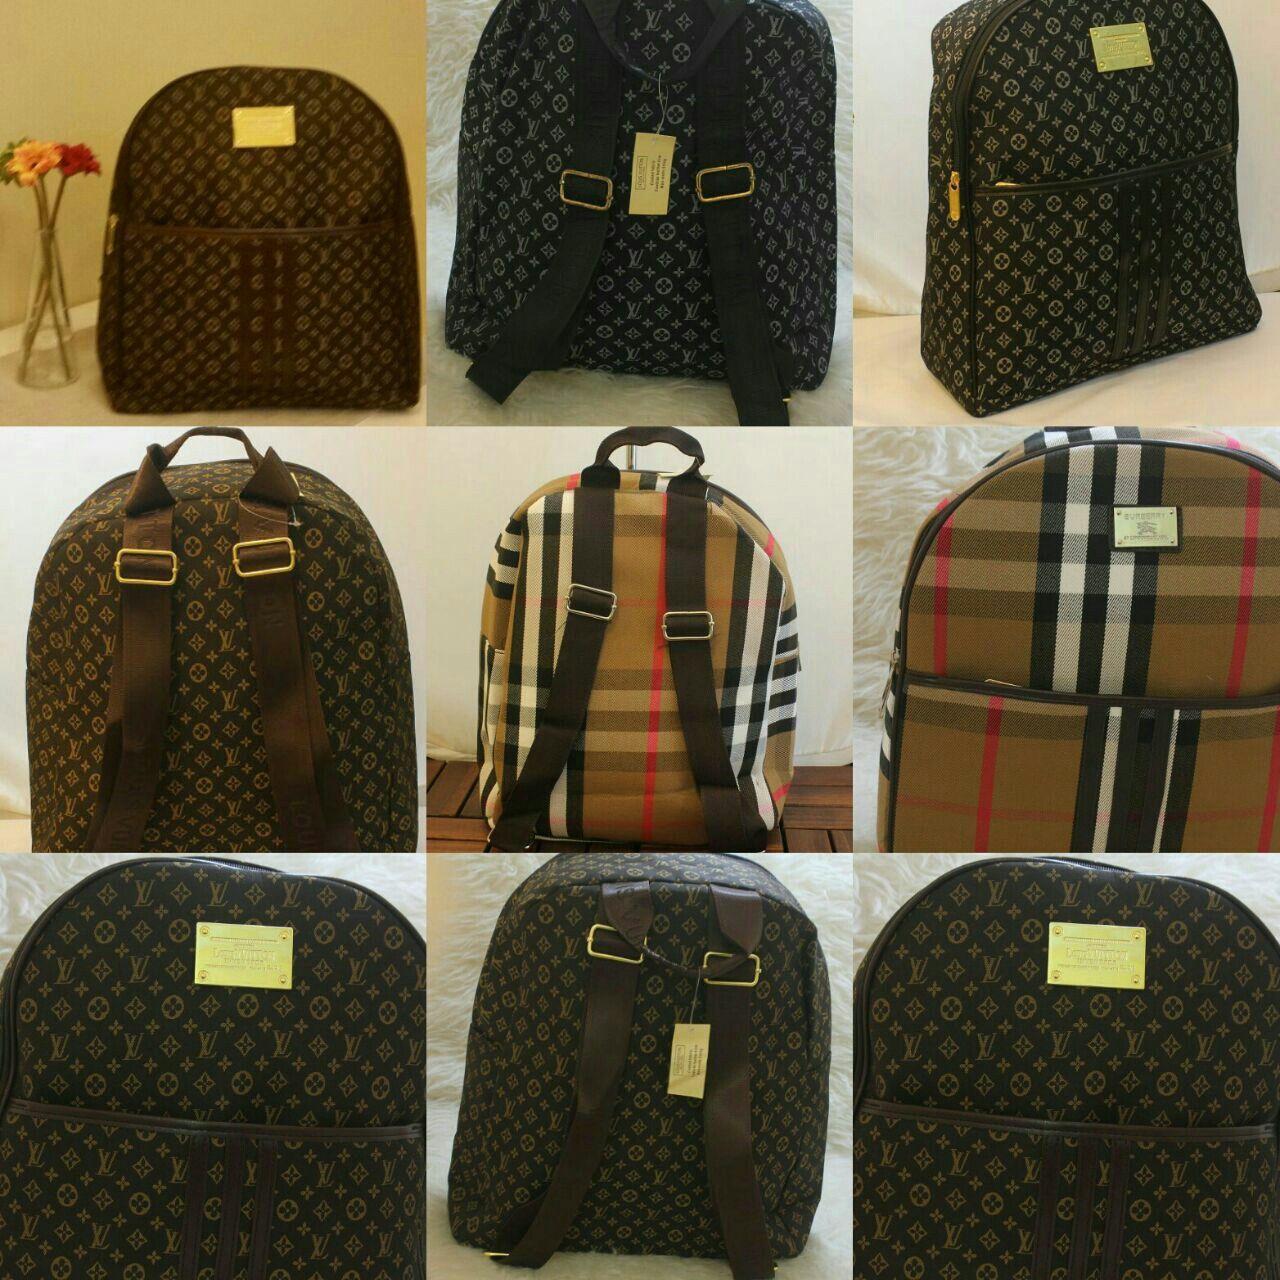 شنط للظهر تشكيلة جديدة من بربري و لويس السعر 150 ريال Vuitton Louis Vuitton Damier Louis Vuitton